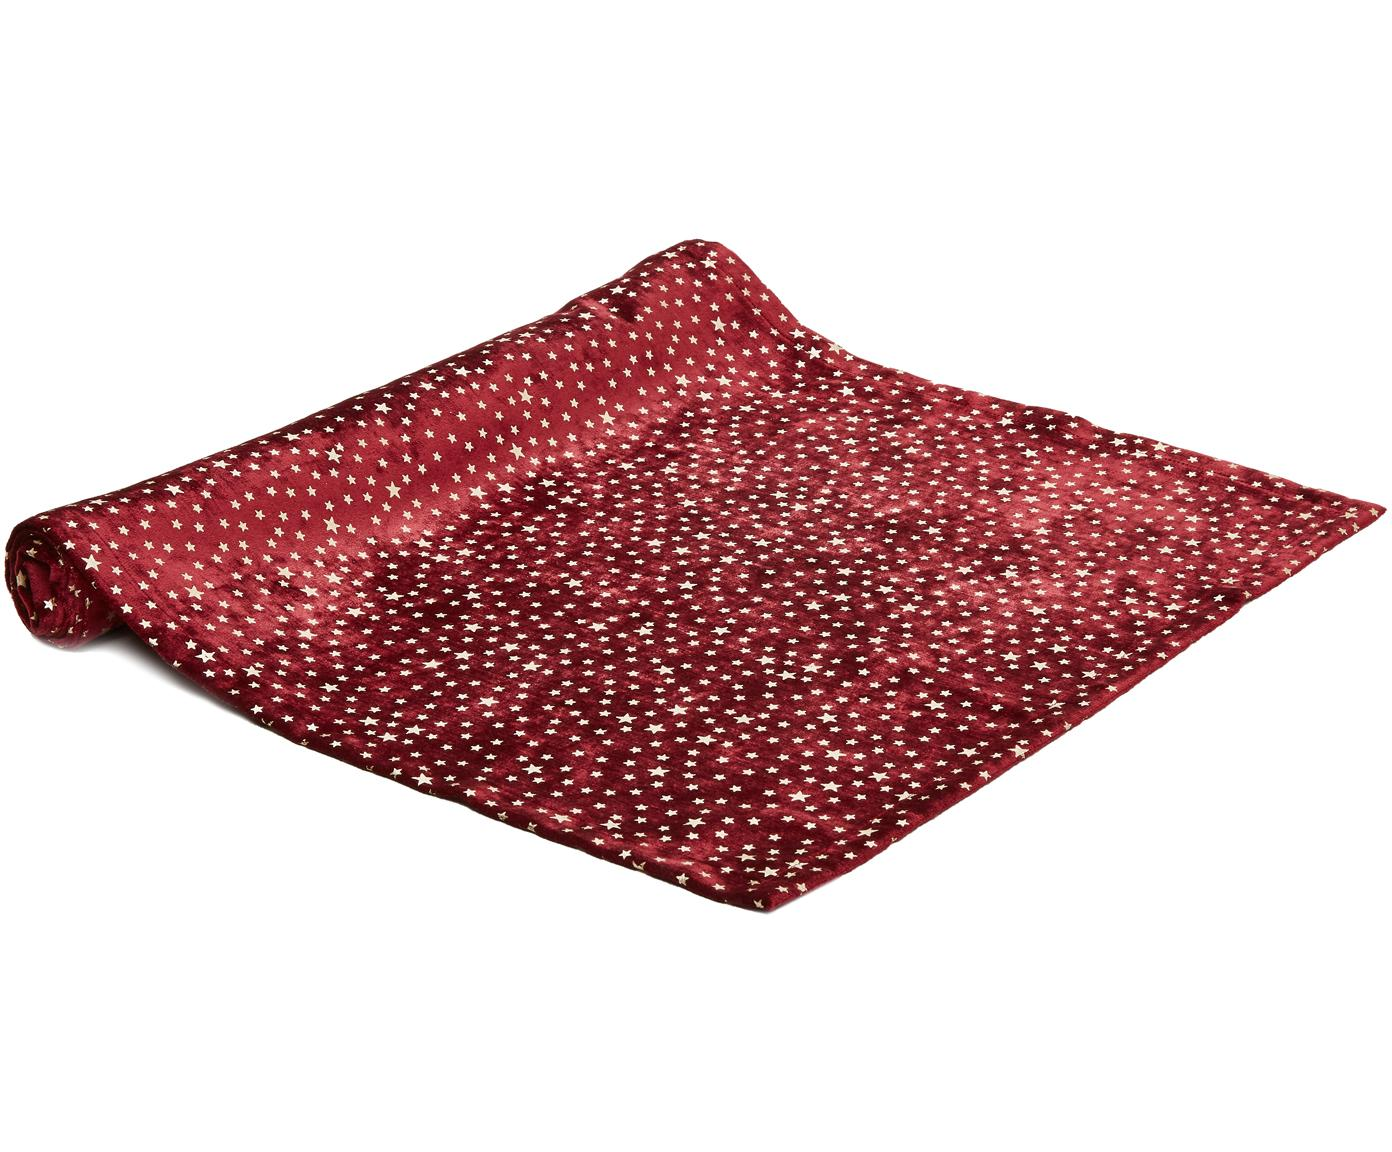 Runner da tavolo in velluto Estrella, Velluto di poliestere, Rosso scuro, beige, Larg. 50 x Lung. 140 cm